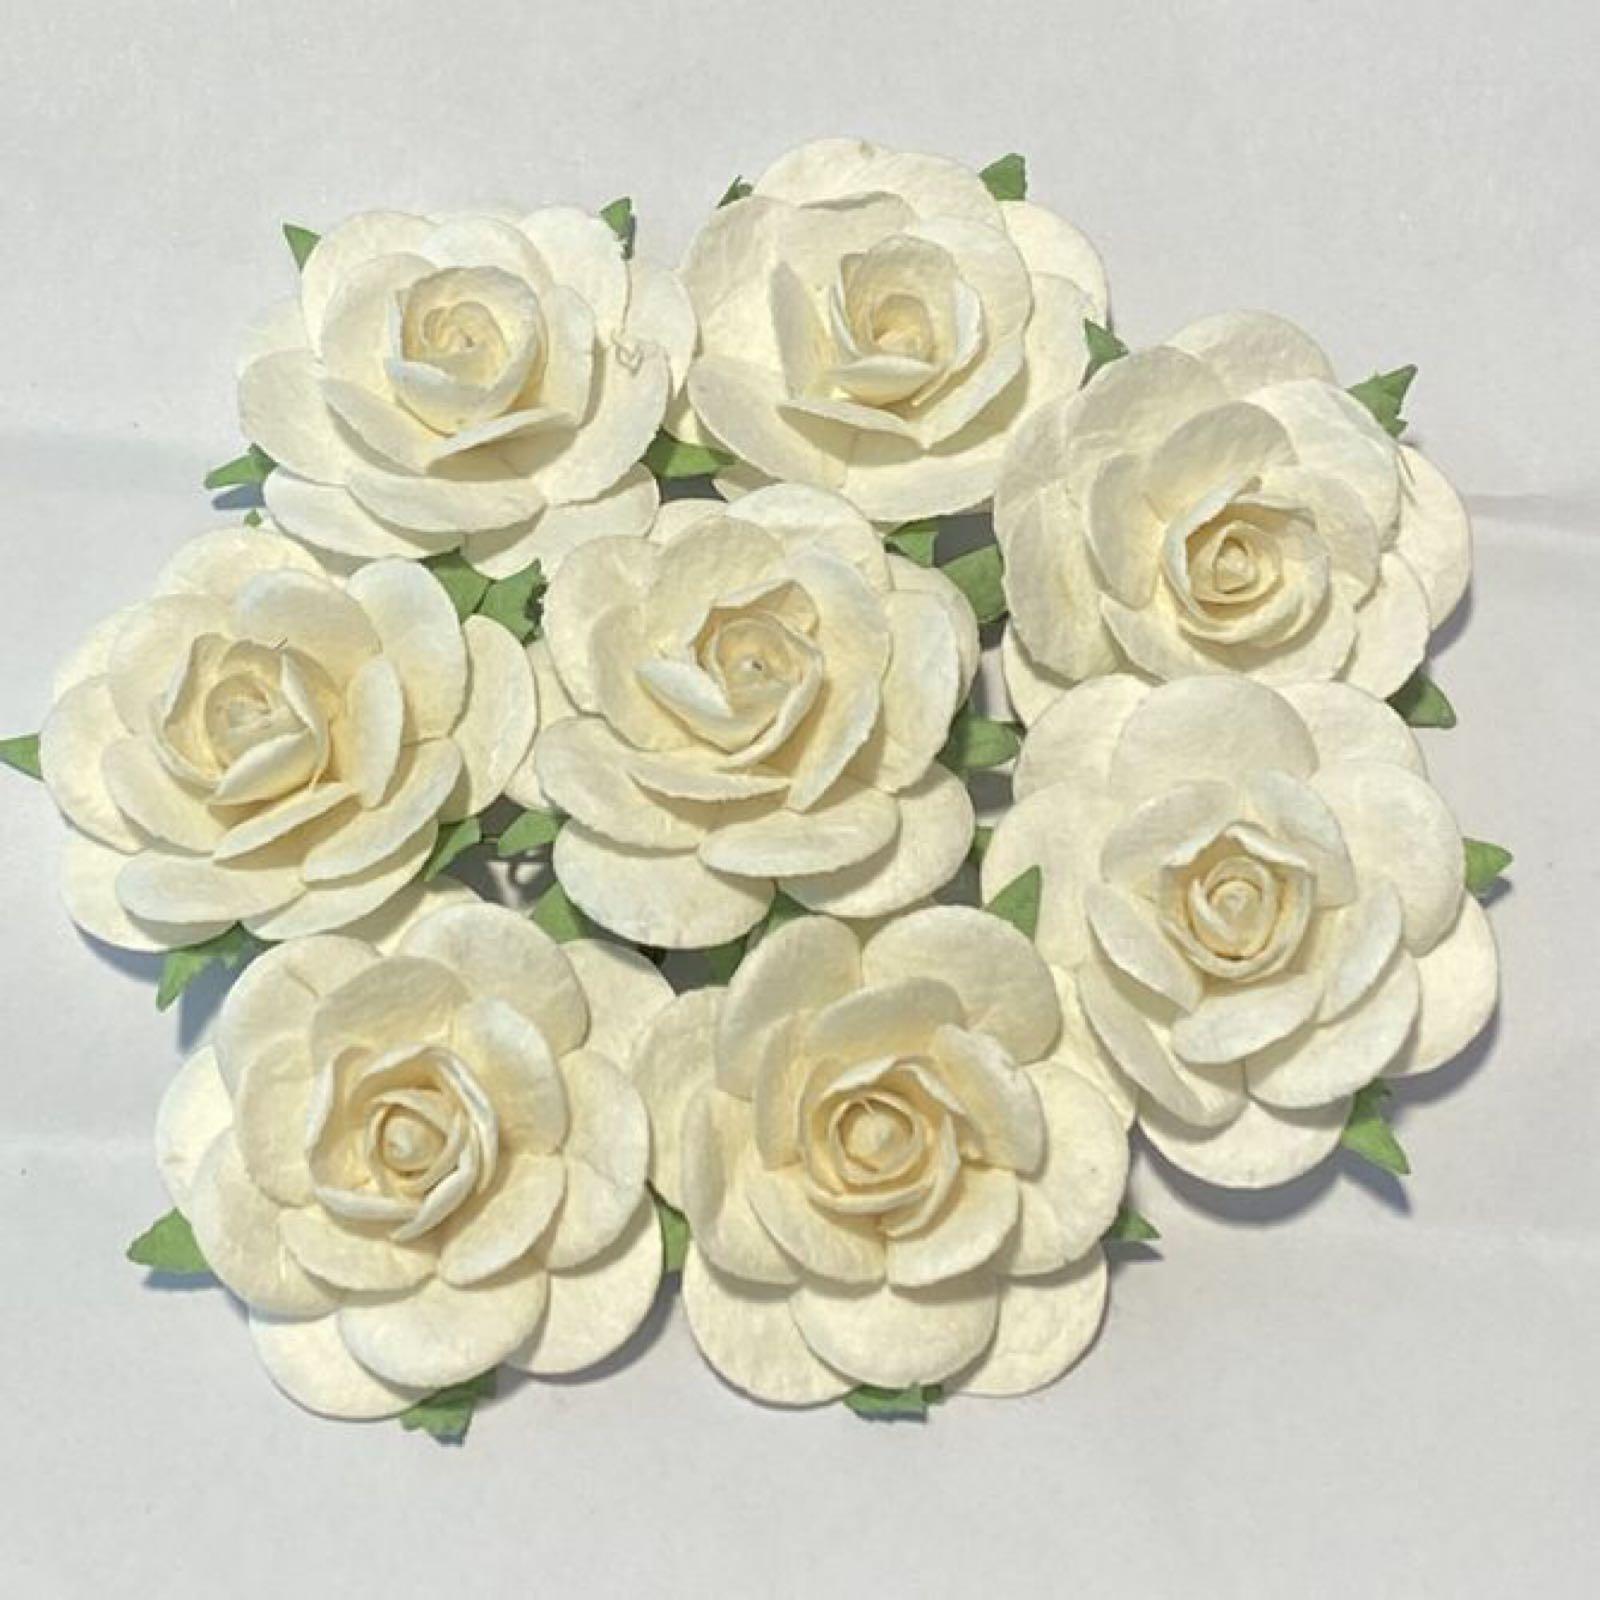 Papirdesign blomster, roser,  kremhvit/ hvit , 3,5c. 8 stk pr pk.